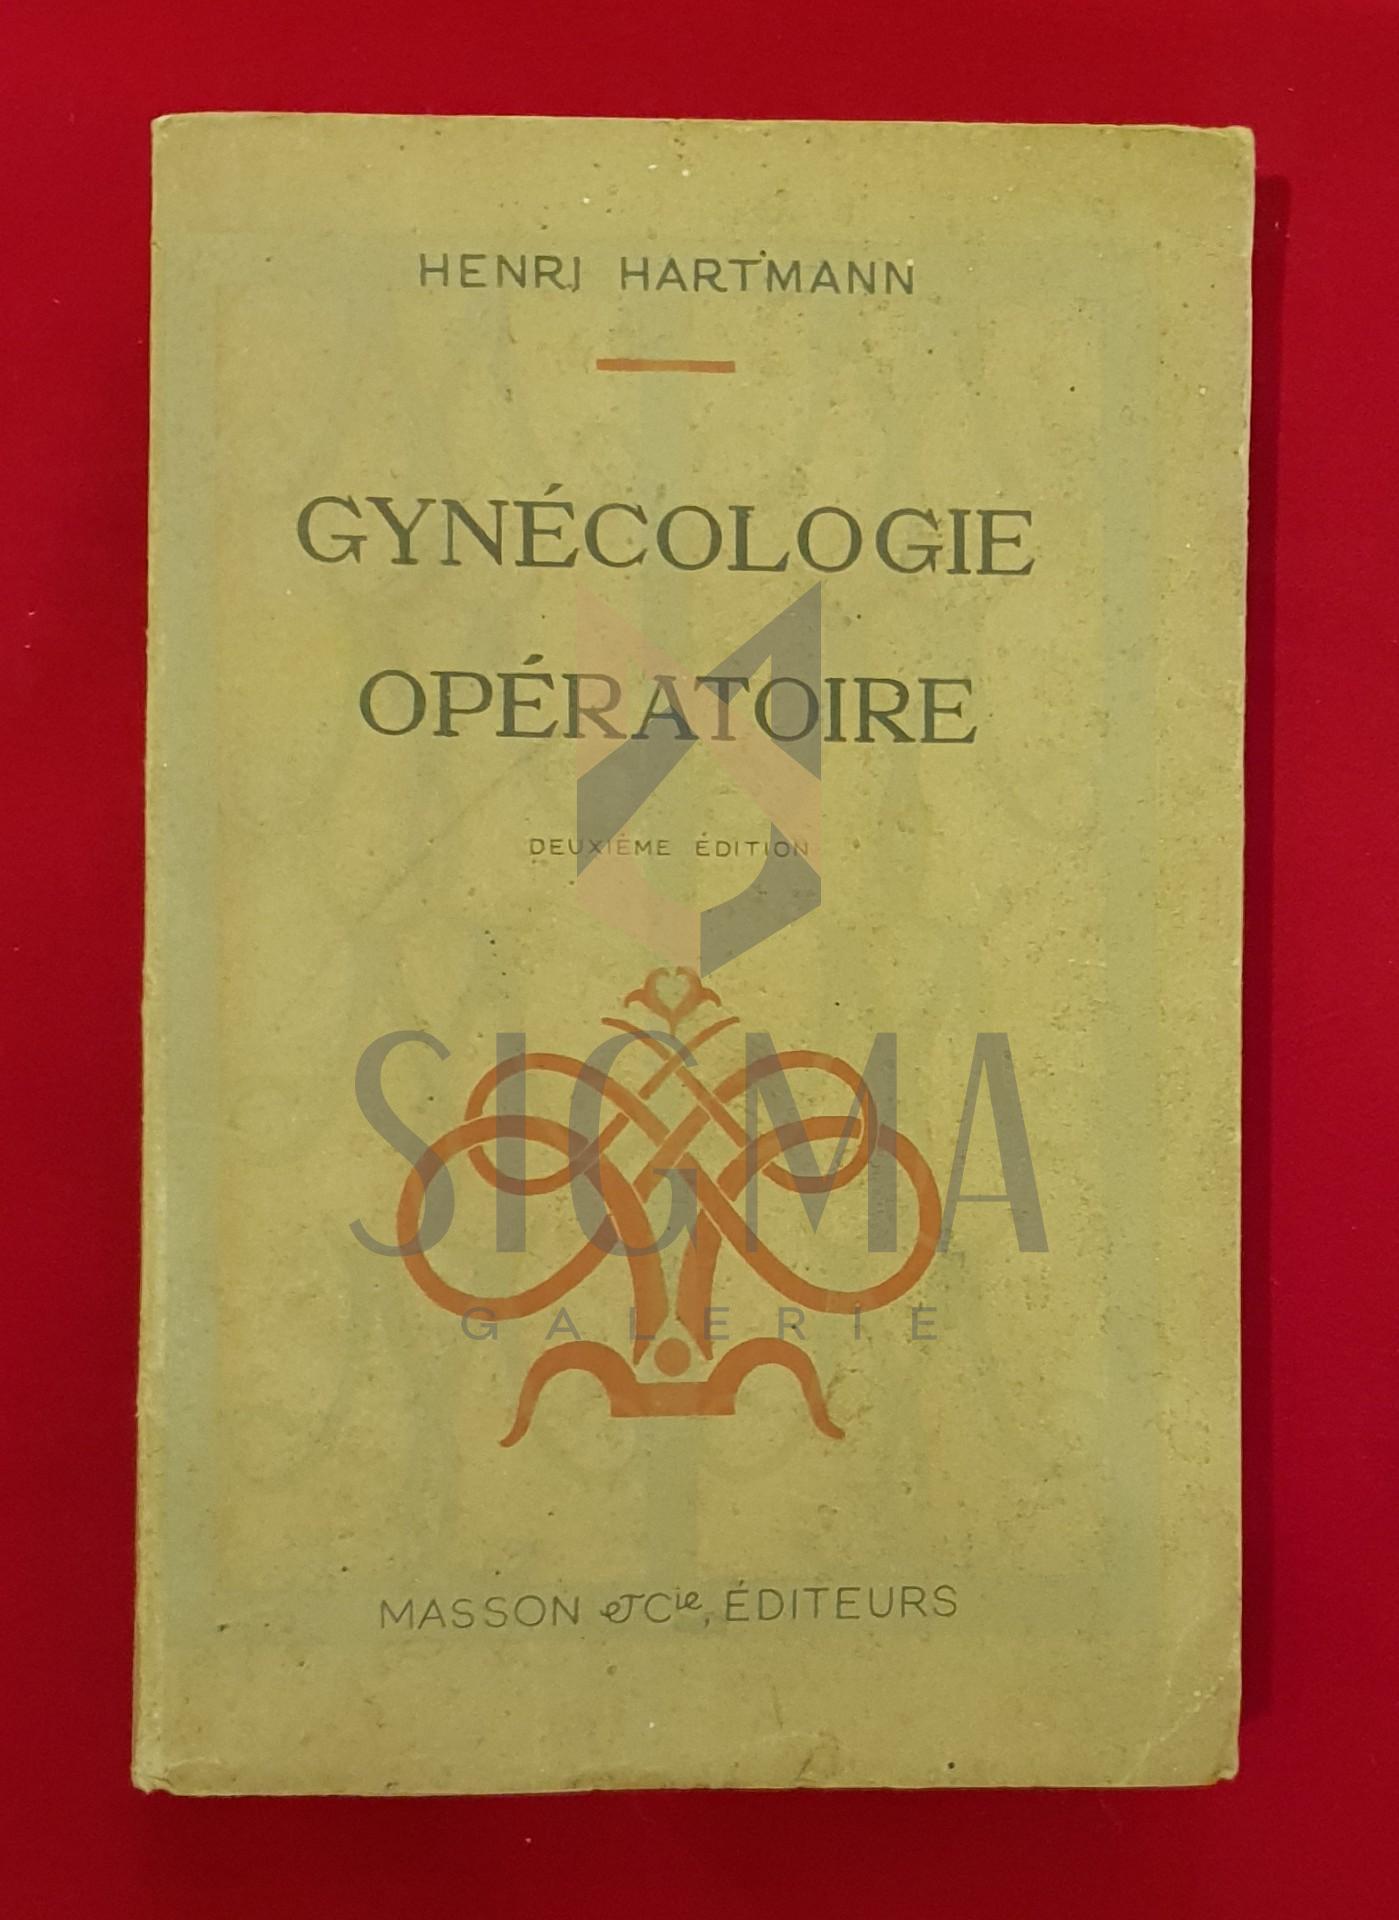 Gynecologie operatoire